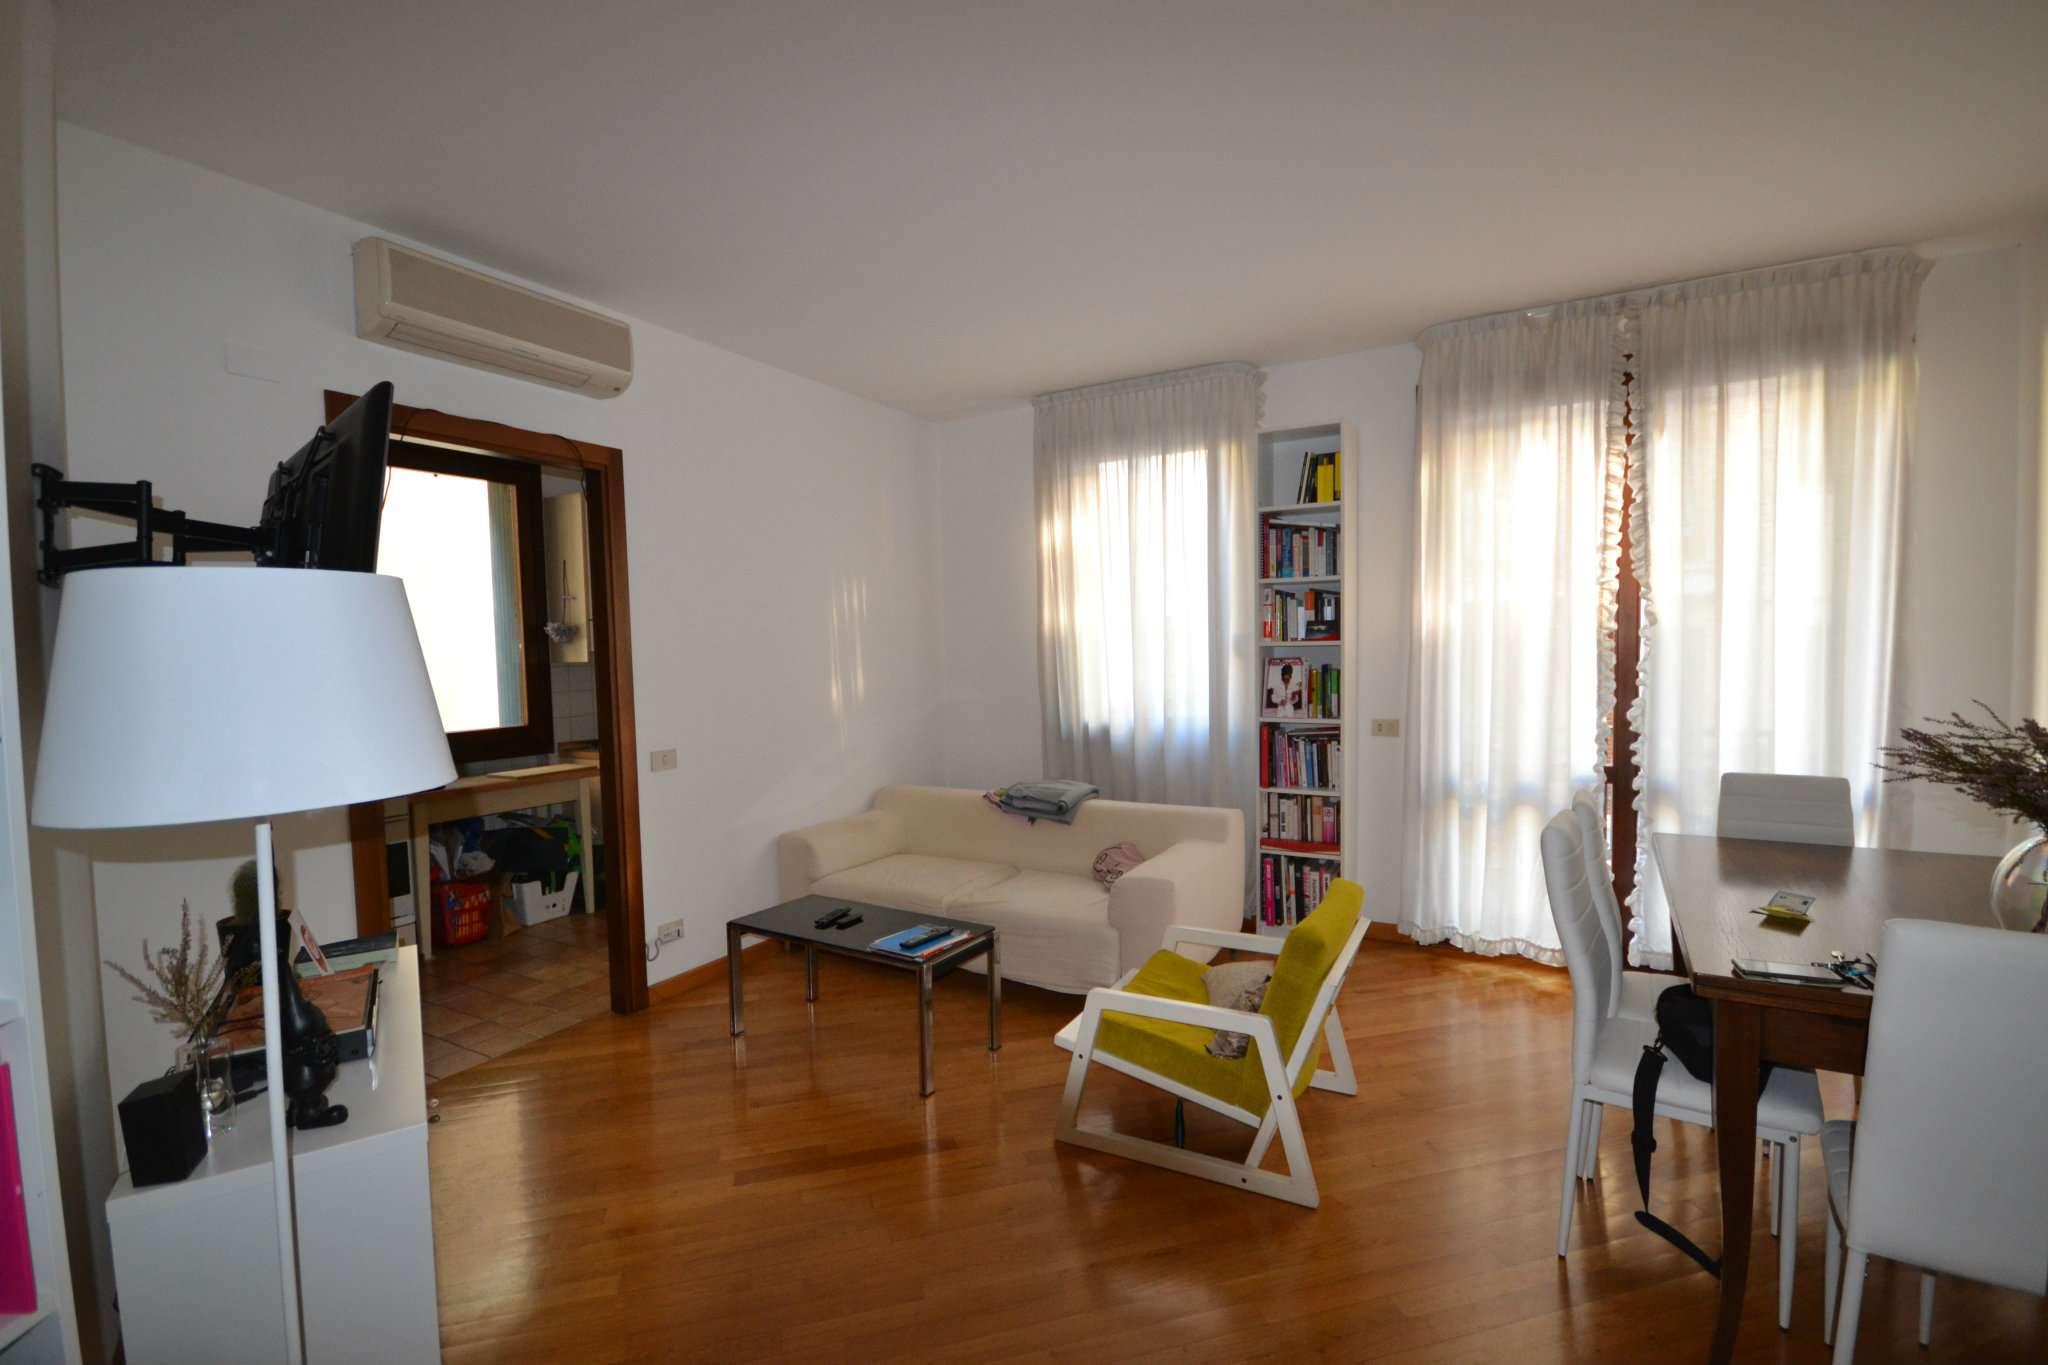 Affittasi appartamento in centro storico con terrazzo